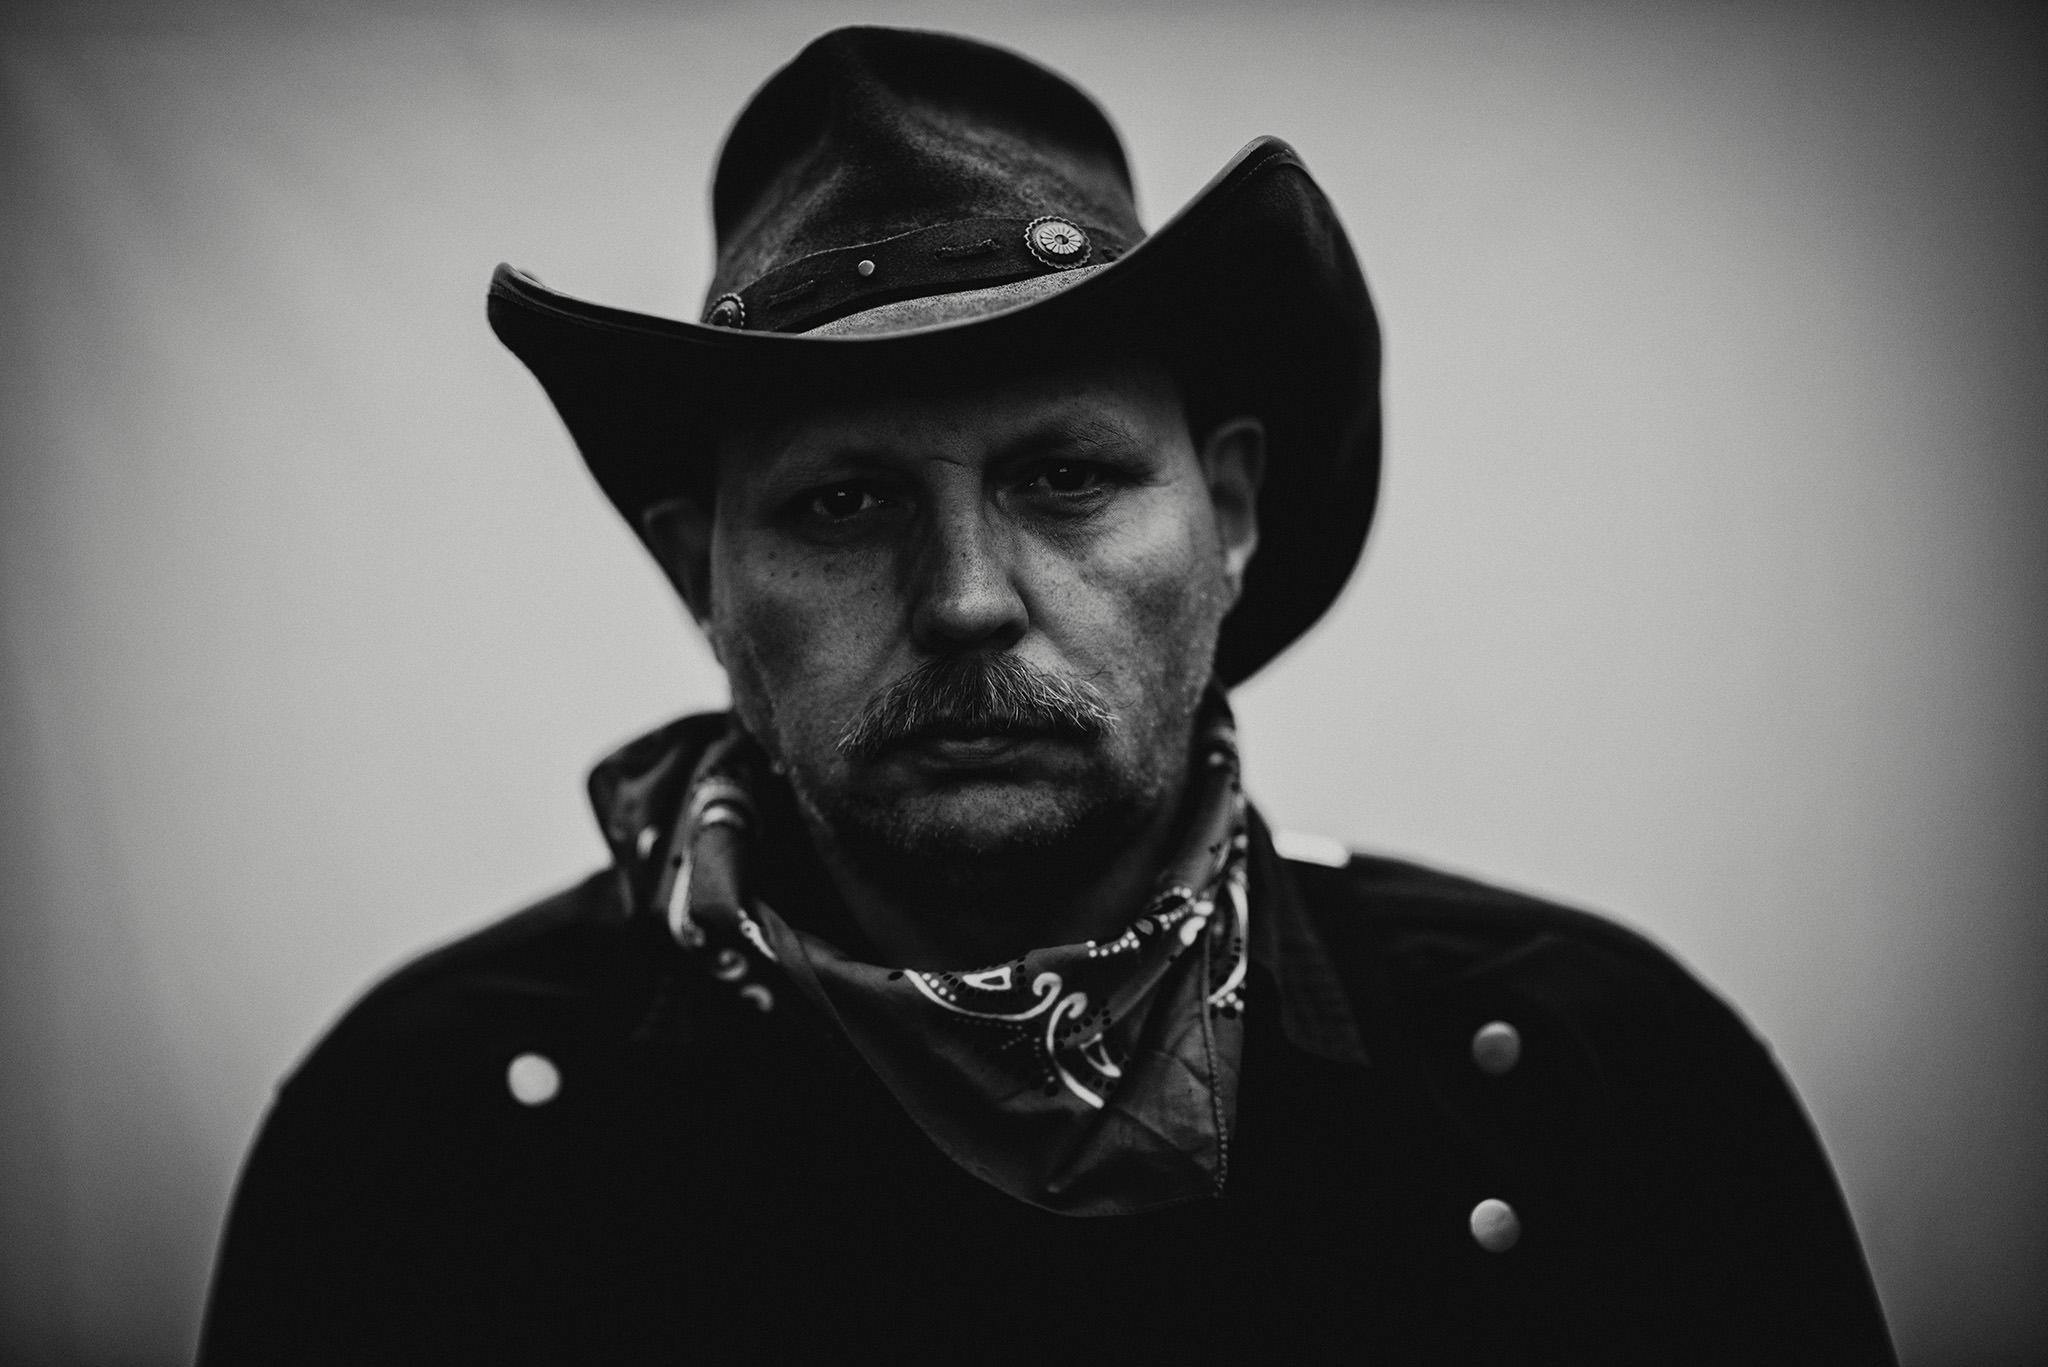 Portræt fotograf af cowboy